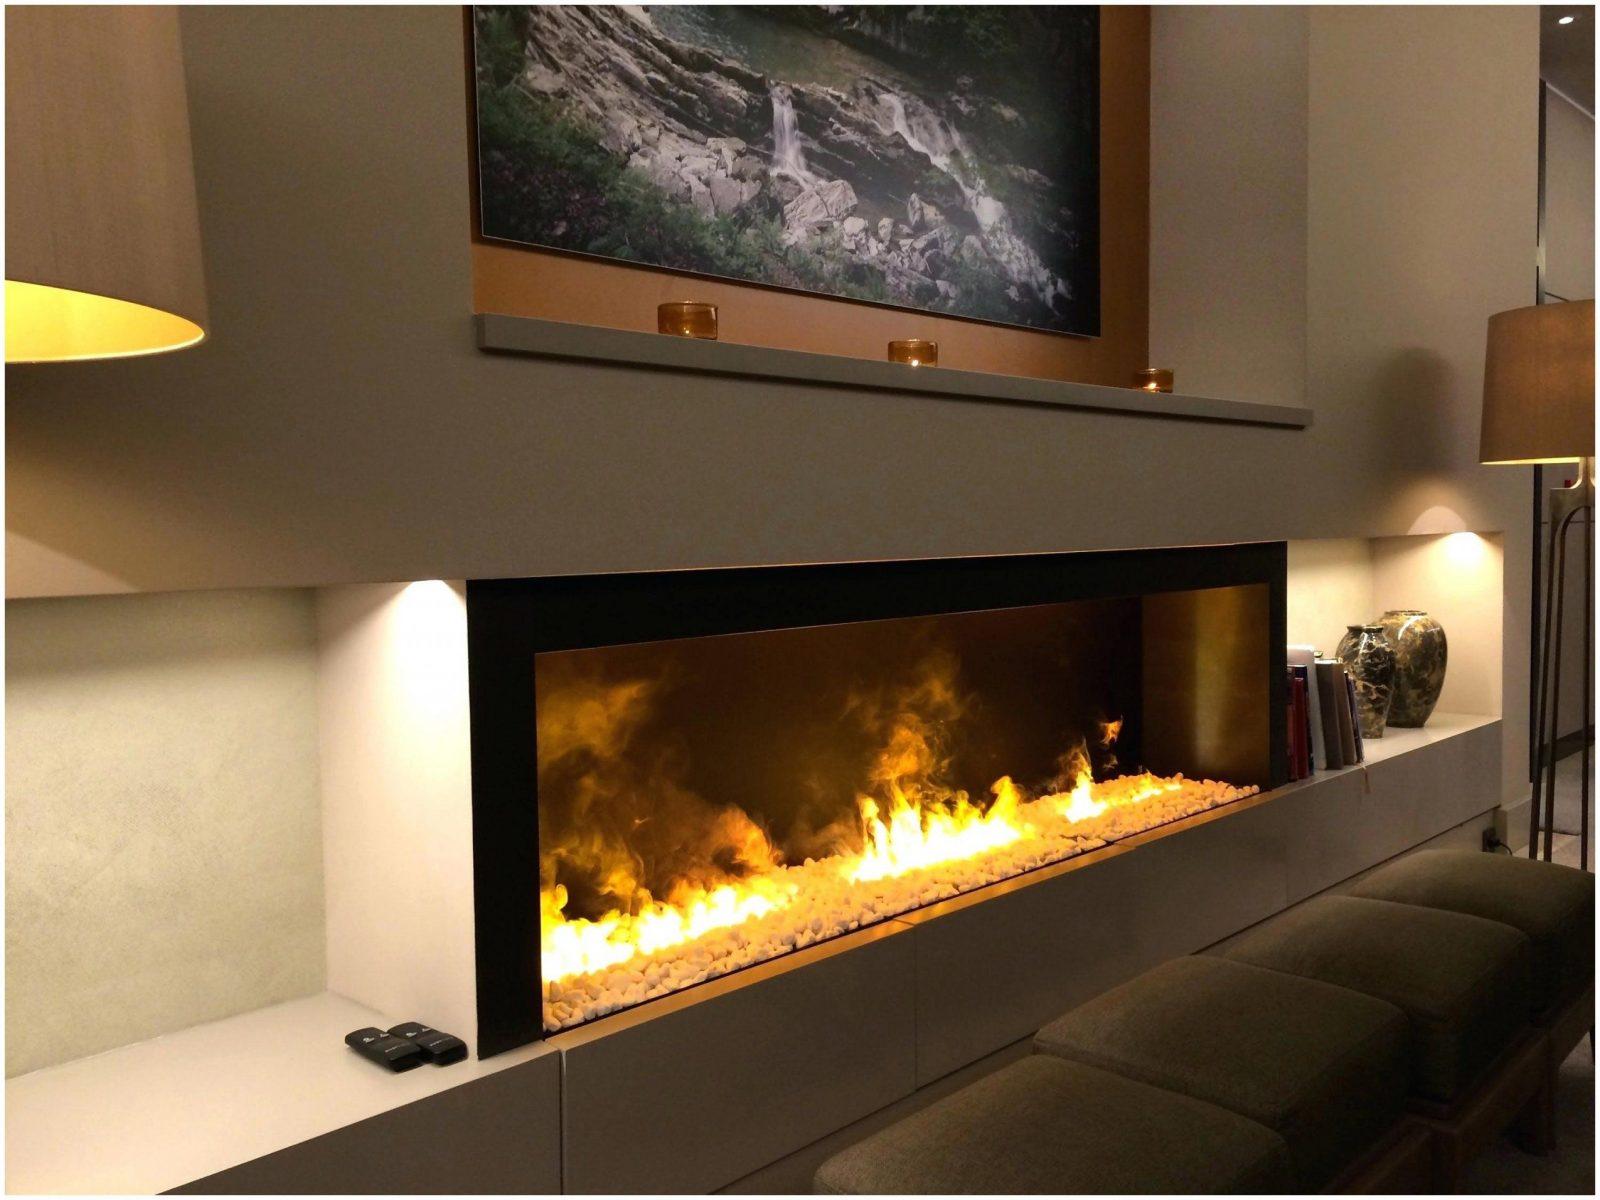 Charmant ... Elegant Ethanol Kamin Wand Bilder Von Kamin Design 144698 Kamin Ideen  Von Kamin In Wand Einbauen ...